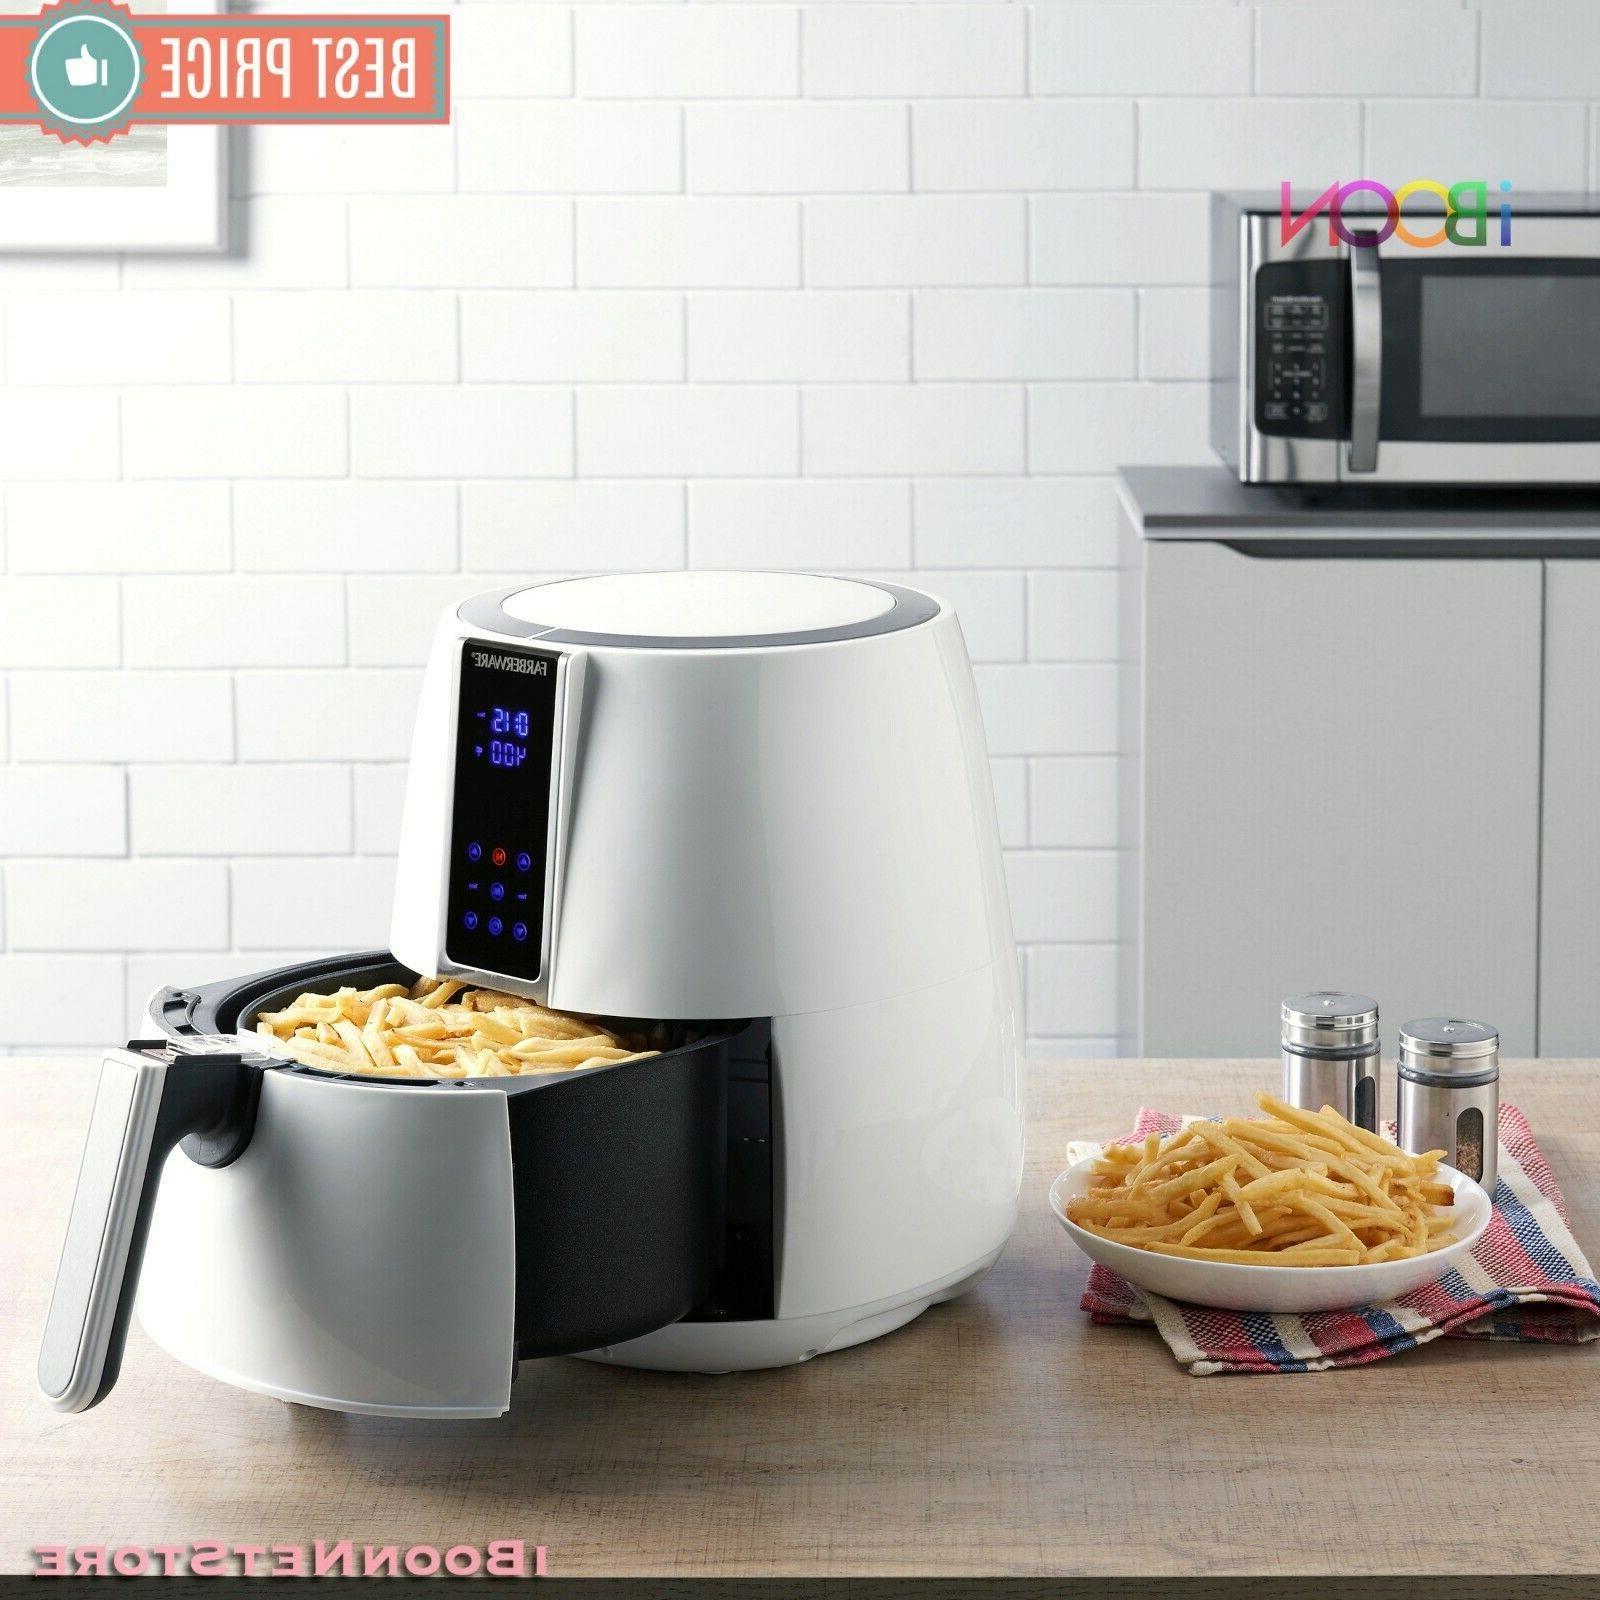 Farberware Digital Fryer Oven Rotisserie Toaster 3.2 qt